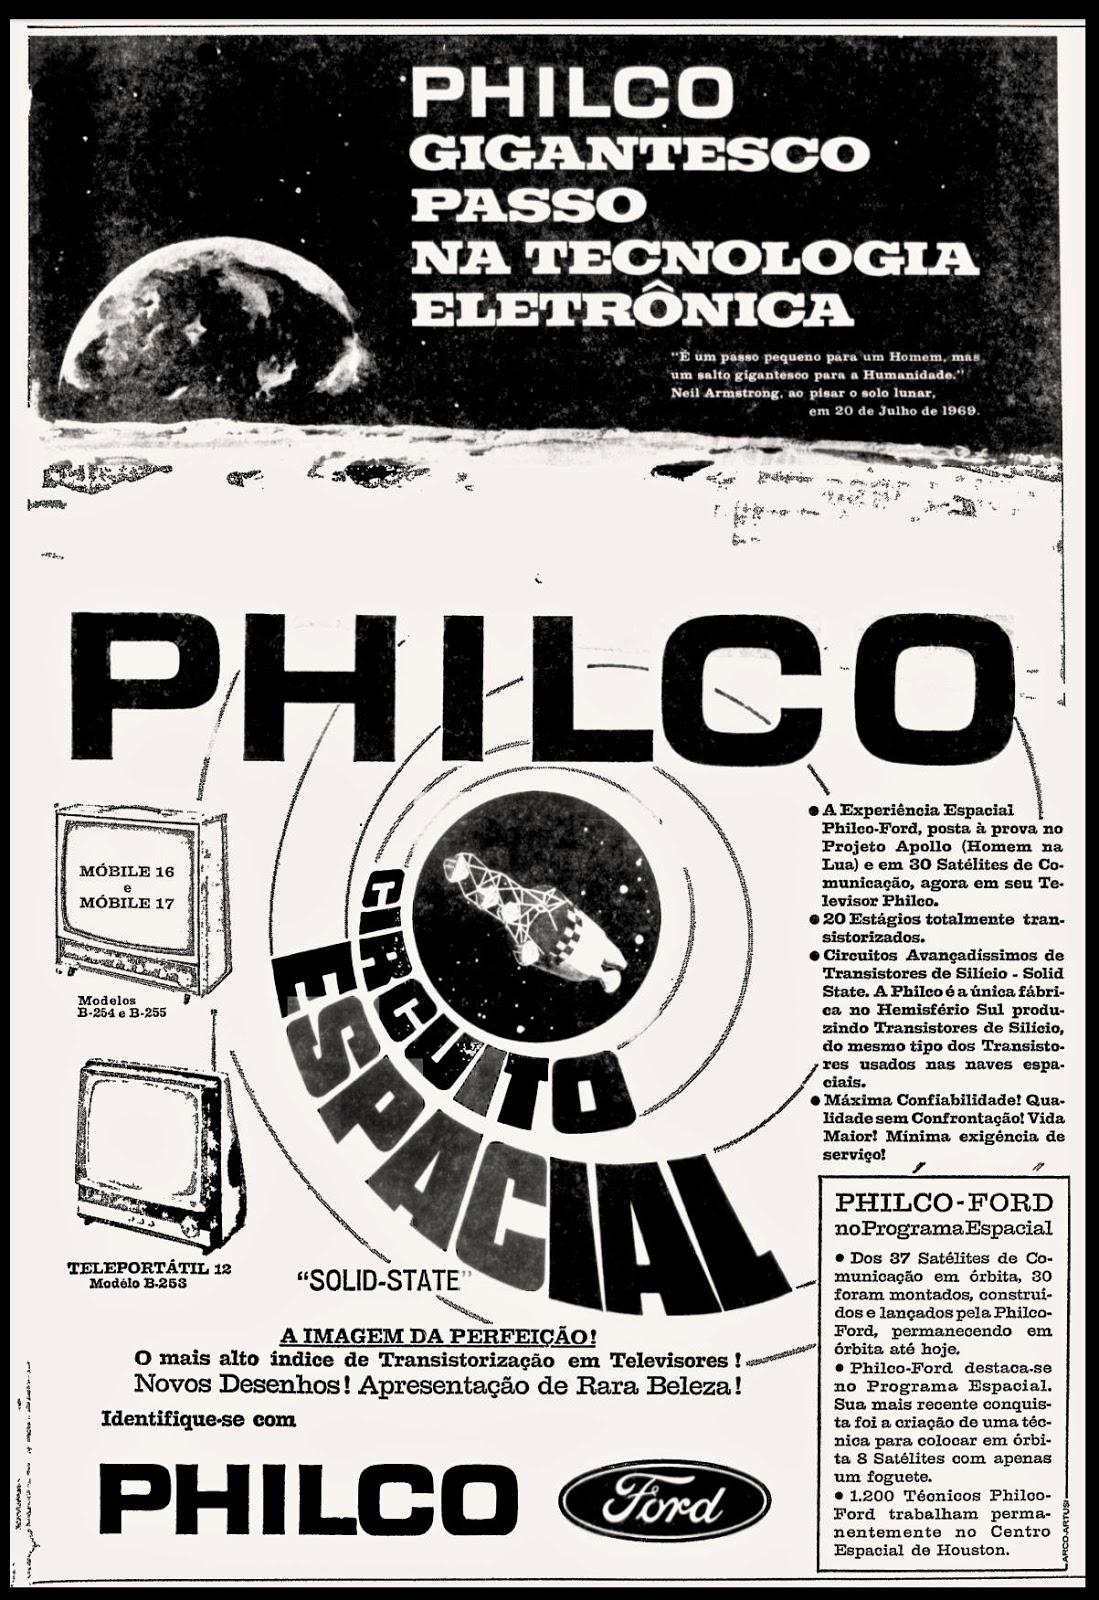 Campanha da Philco promovendo sua linha de televisores em 1970